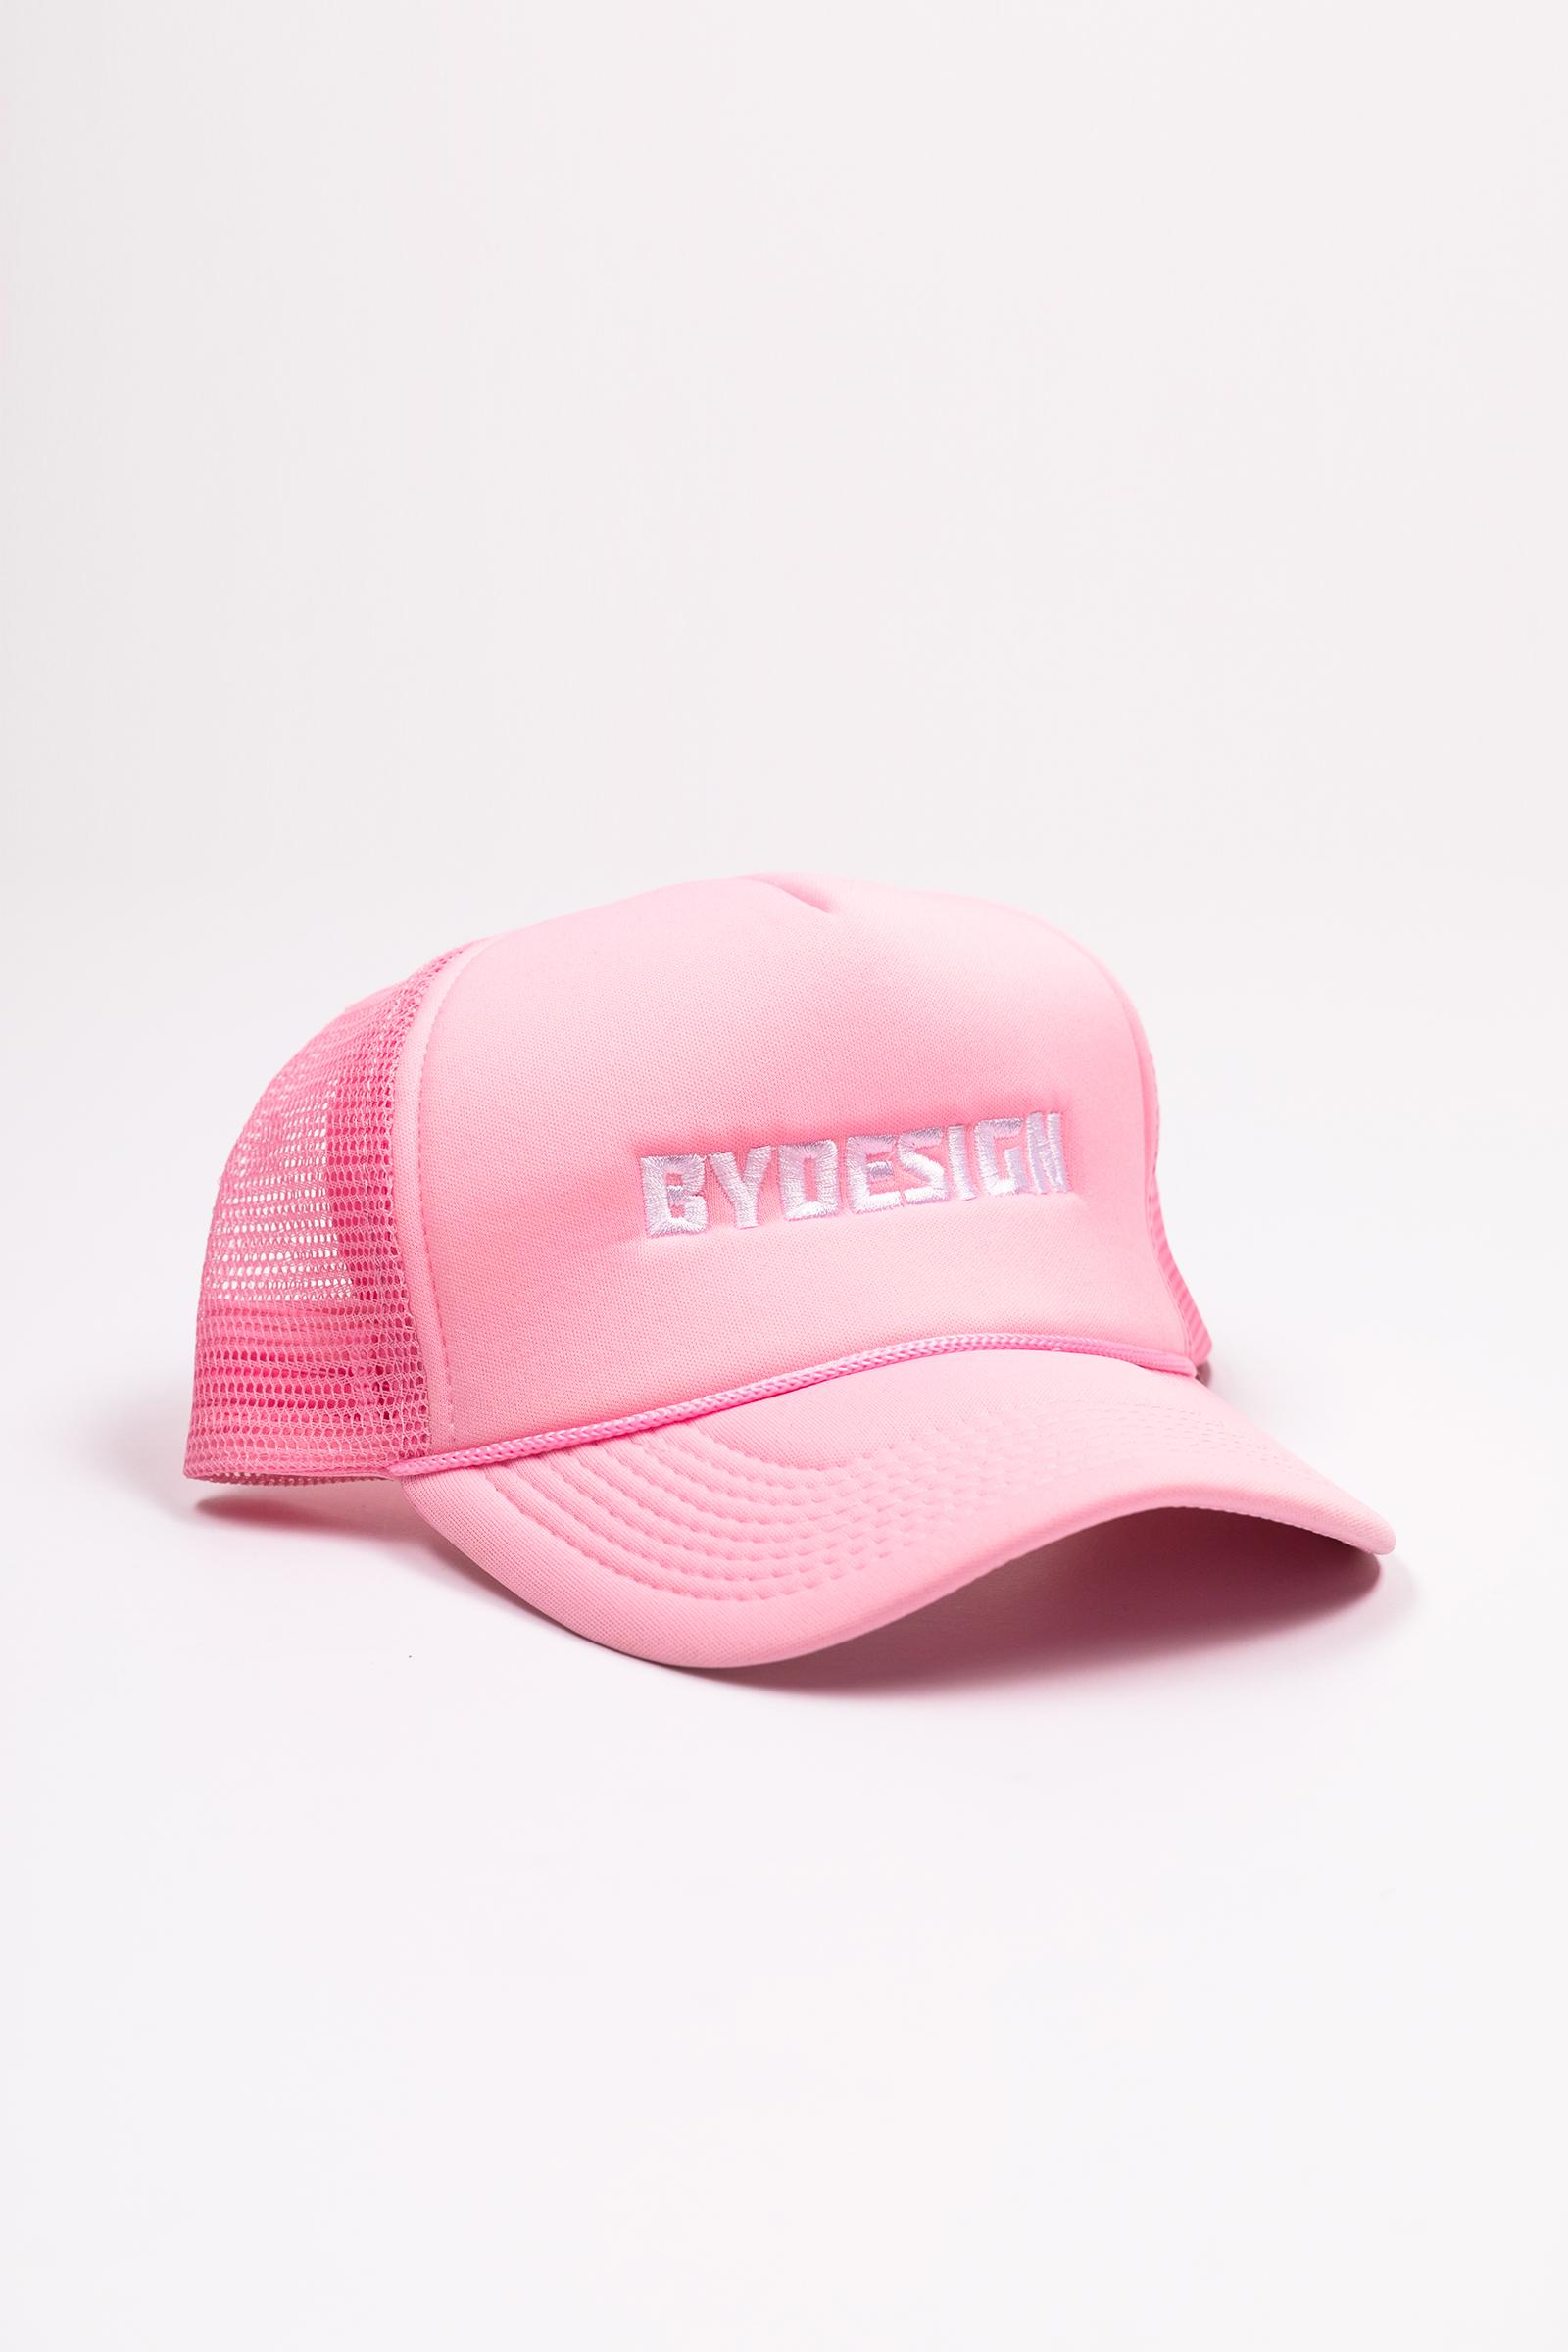 By Design Logo Trucker Hat - Pink